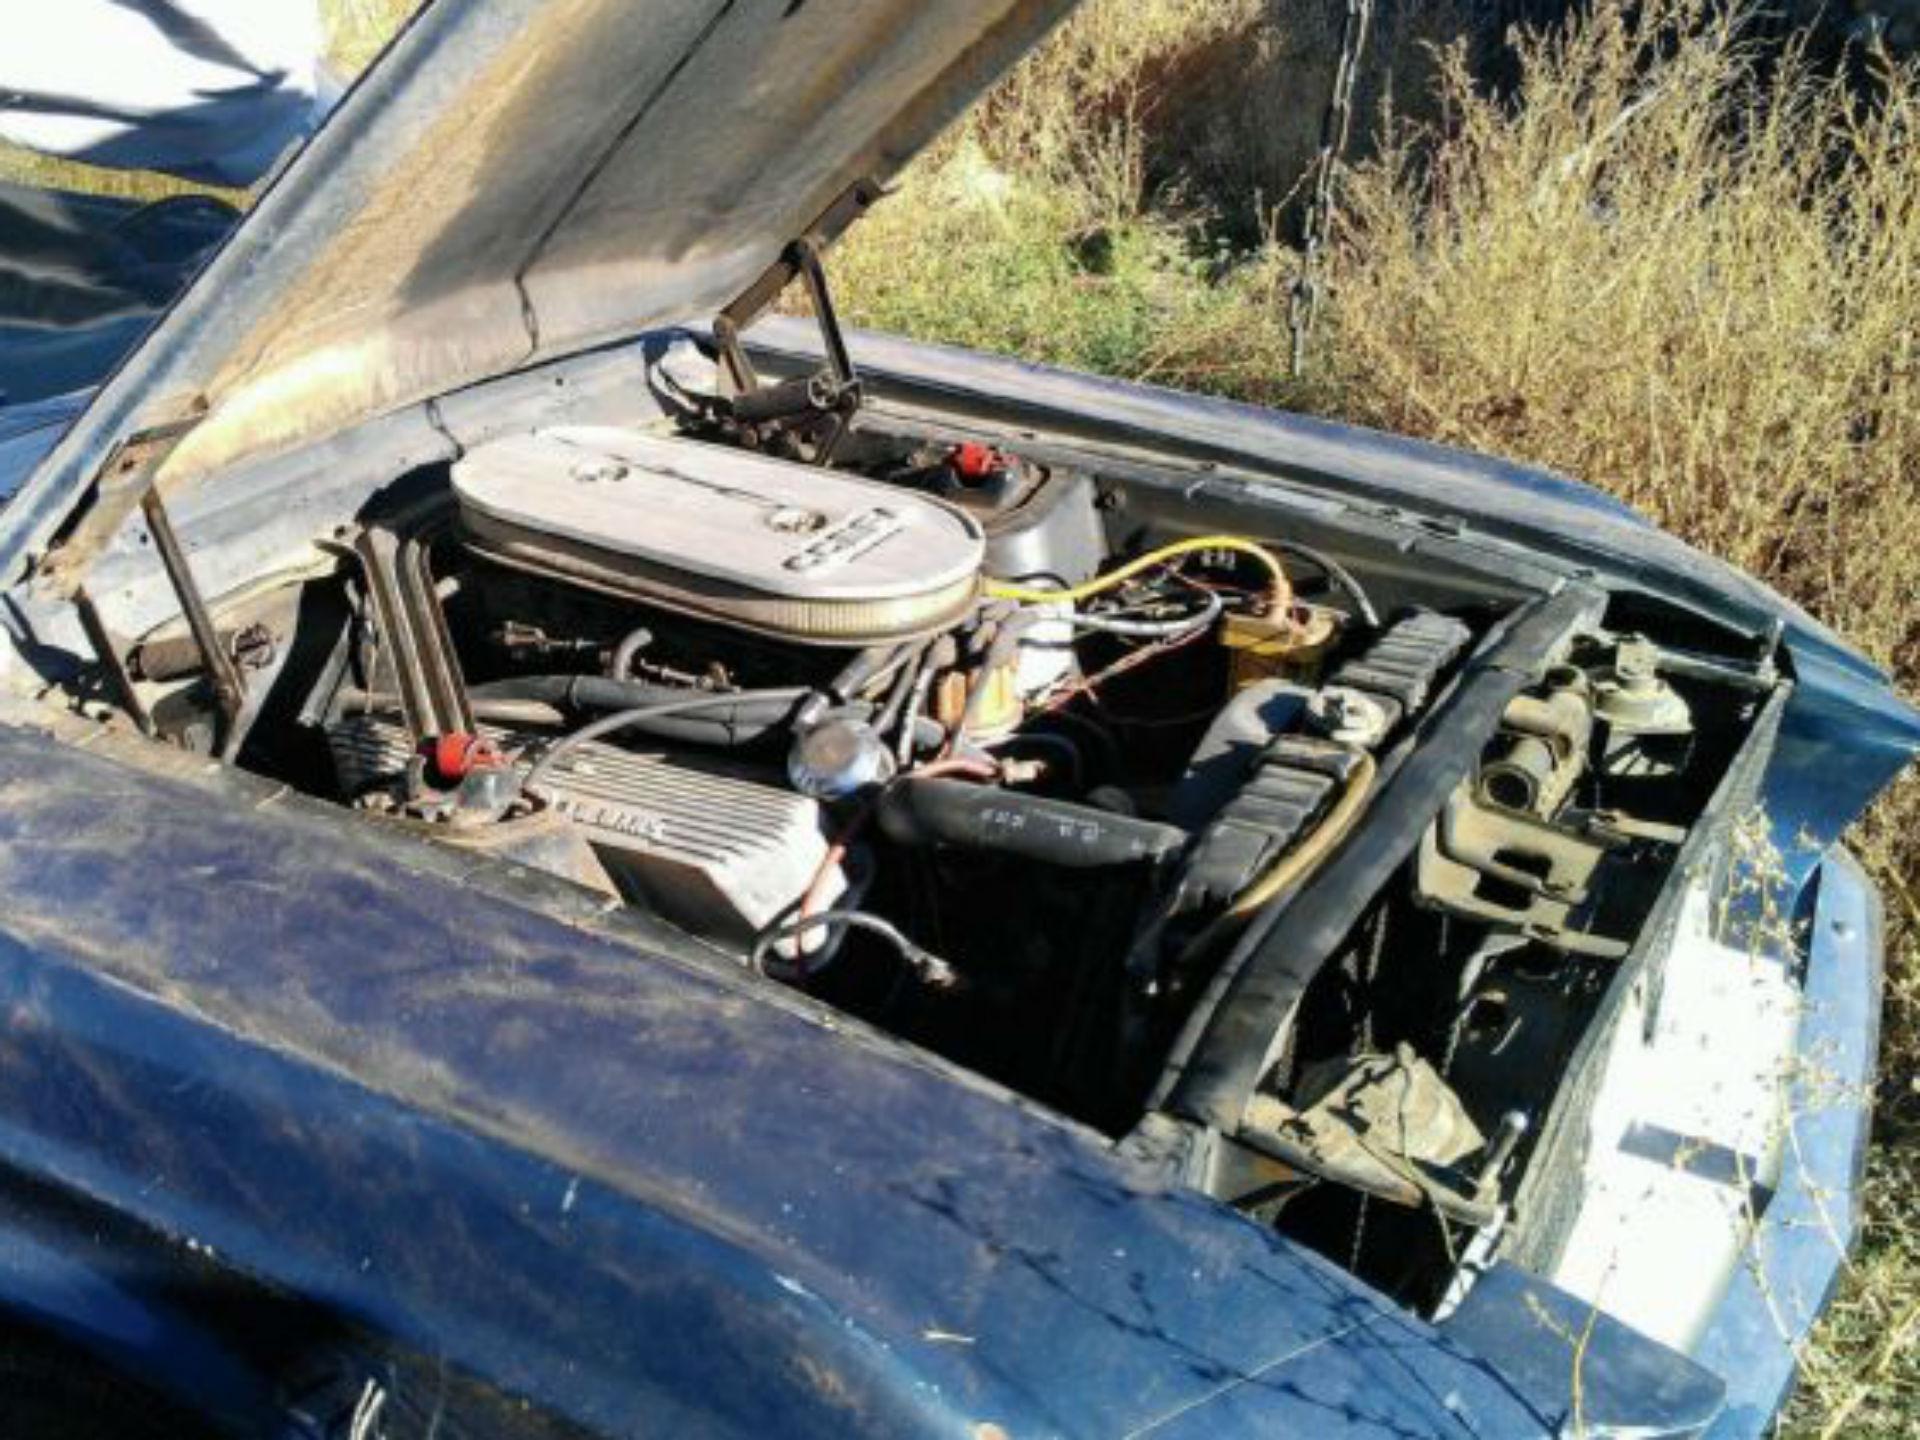 Mustang Shelby GT500 1969. Misteriosamente, 001 de los autos más codiciados, asimismo fue descuidado en condiciones parecidas al mentado anteriormente. En éste caso, se trata de una versión de 1969. Fue encontrada por un par de jóvenes en Pennsylvania. Pese a la gran cantidad de polvo, lo restauraron hasta dejarlo casi cual nuevo. Foto: Especial